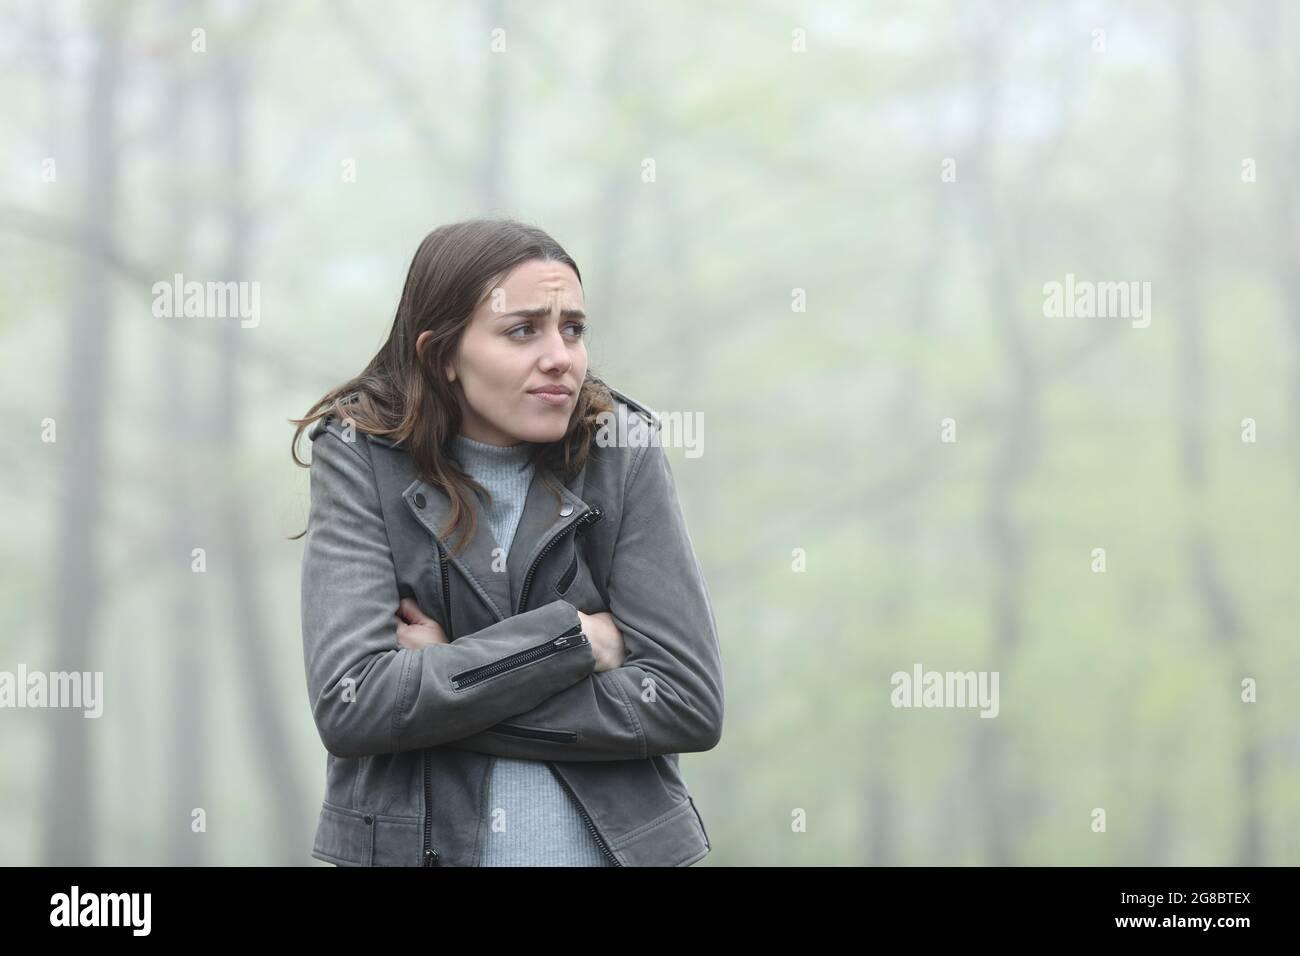 Une femme stressée se plaint de froid dans un parc brumeux Banque D'Images